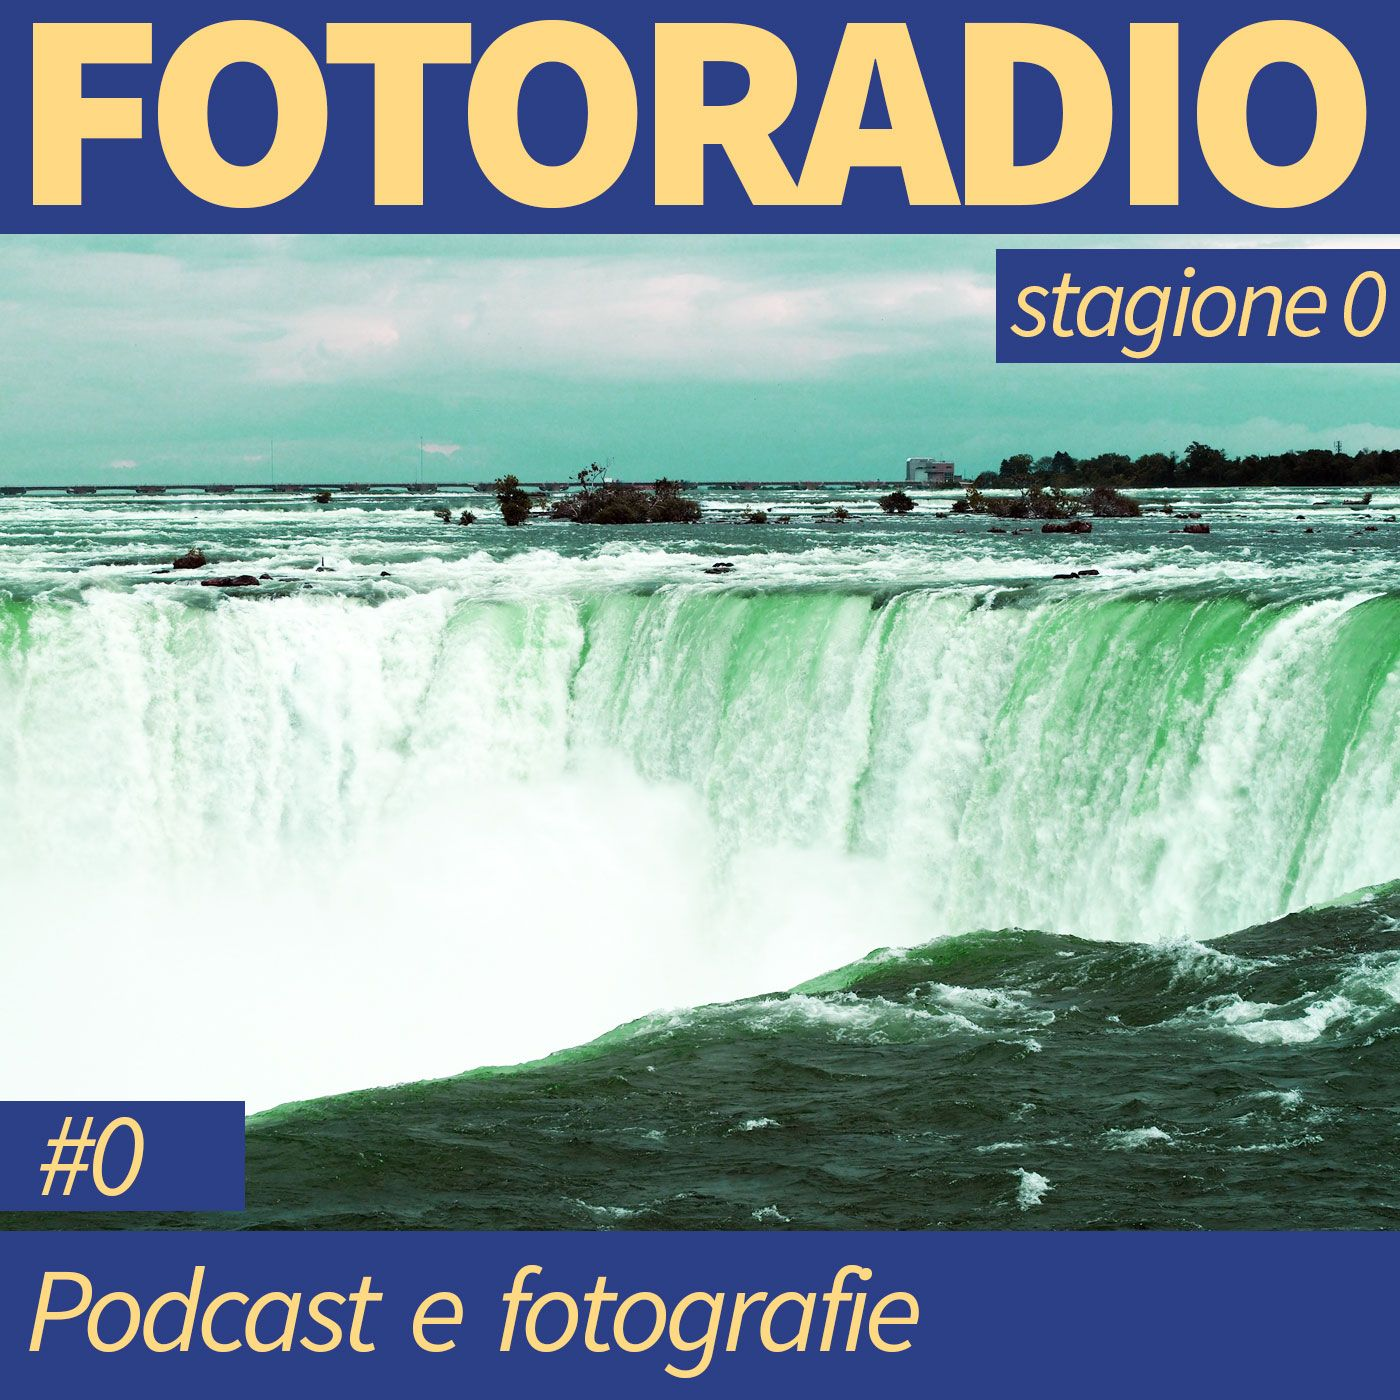 ep. 0 - Perché un podcast che parla di fotografie?